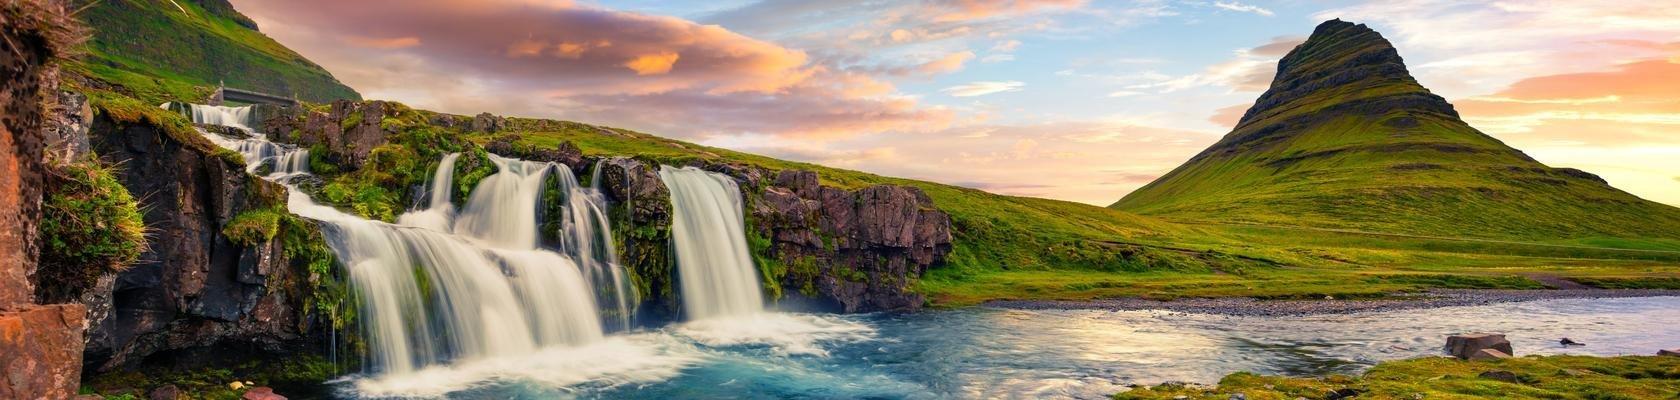 De Kirkjufellsfoss-waterval met op de achtergrond de beroemde Kirkjufell-berg